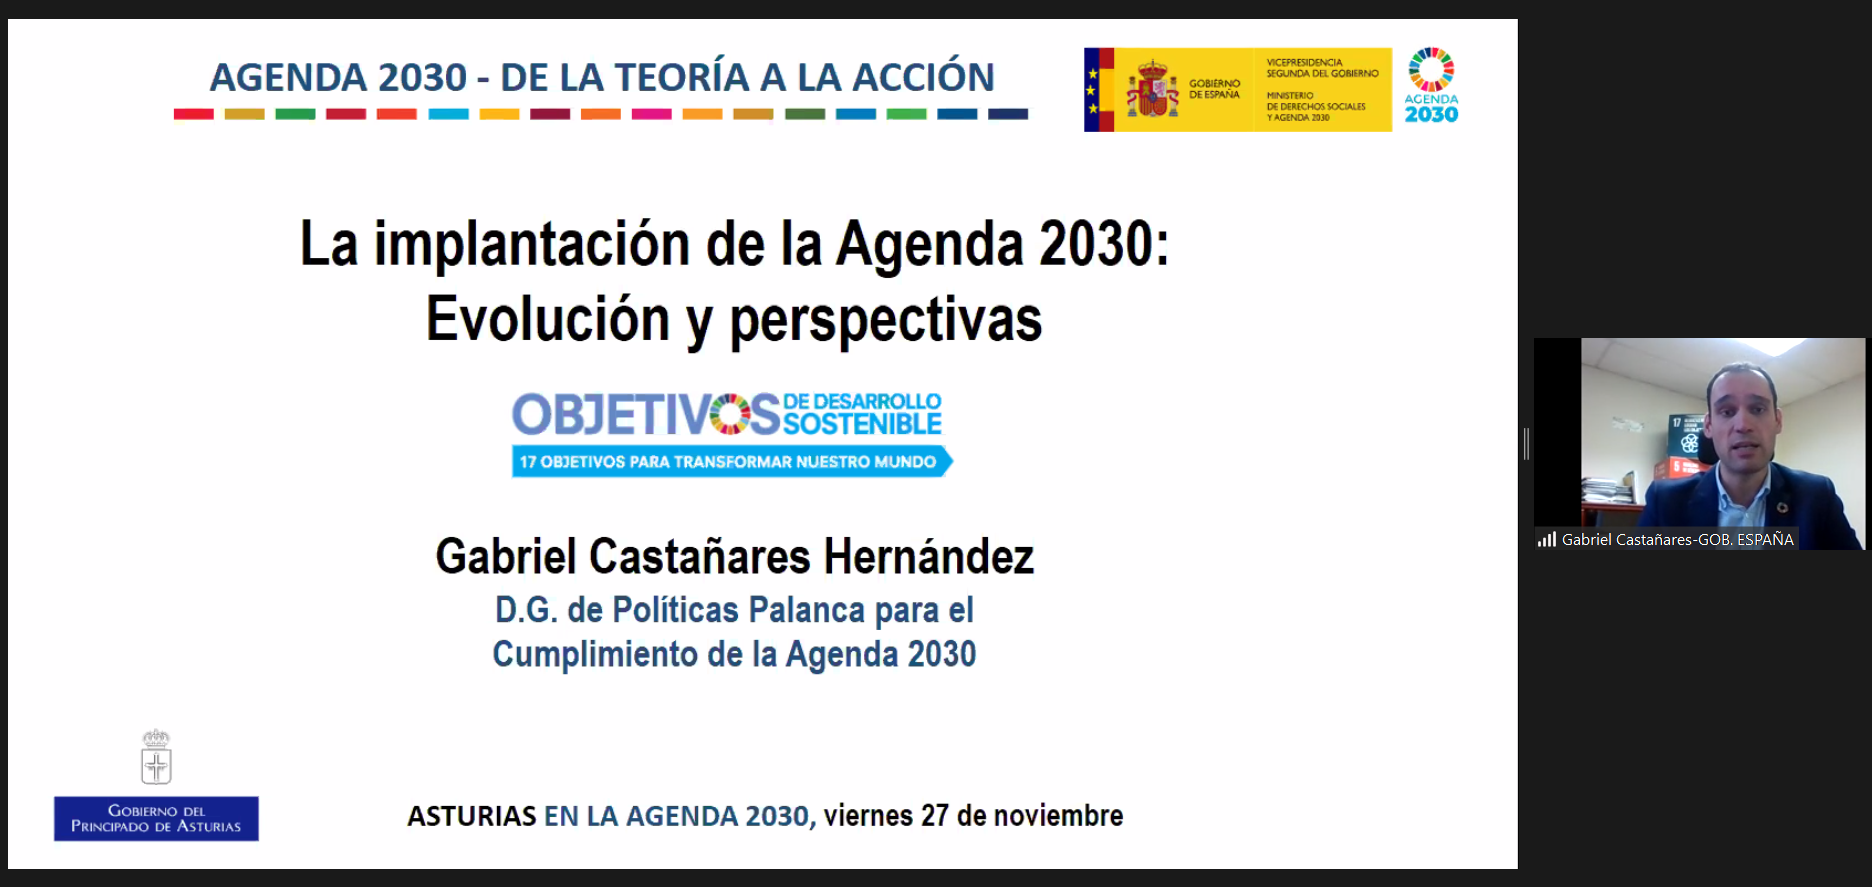 Jornada final: ASTURIAS EN LA AGENDA 2030: DE LA TEORÍA A LA ACCIÓN